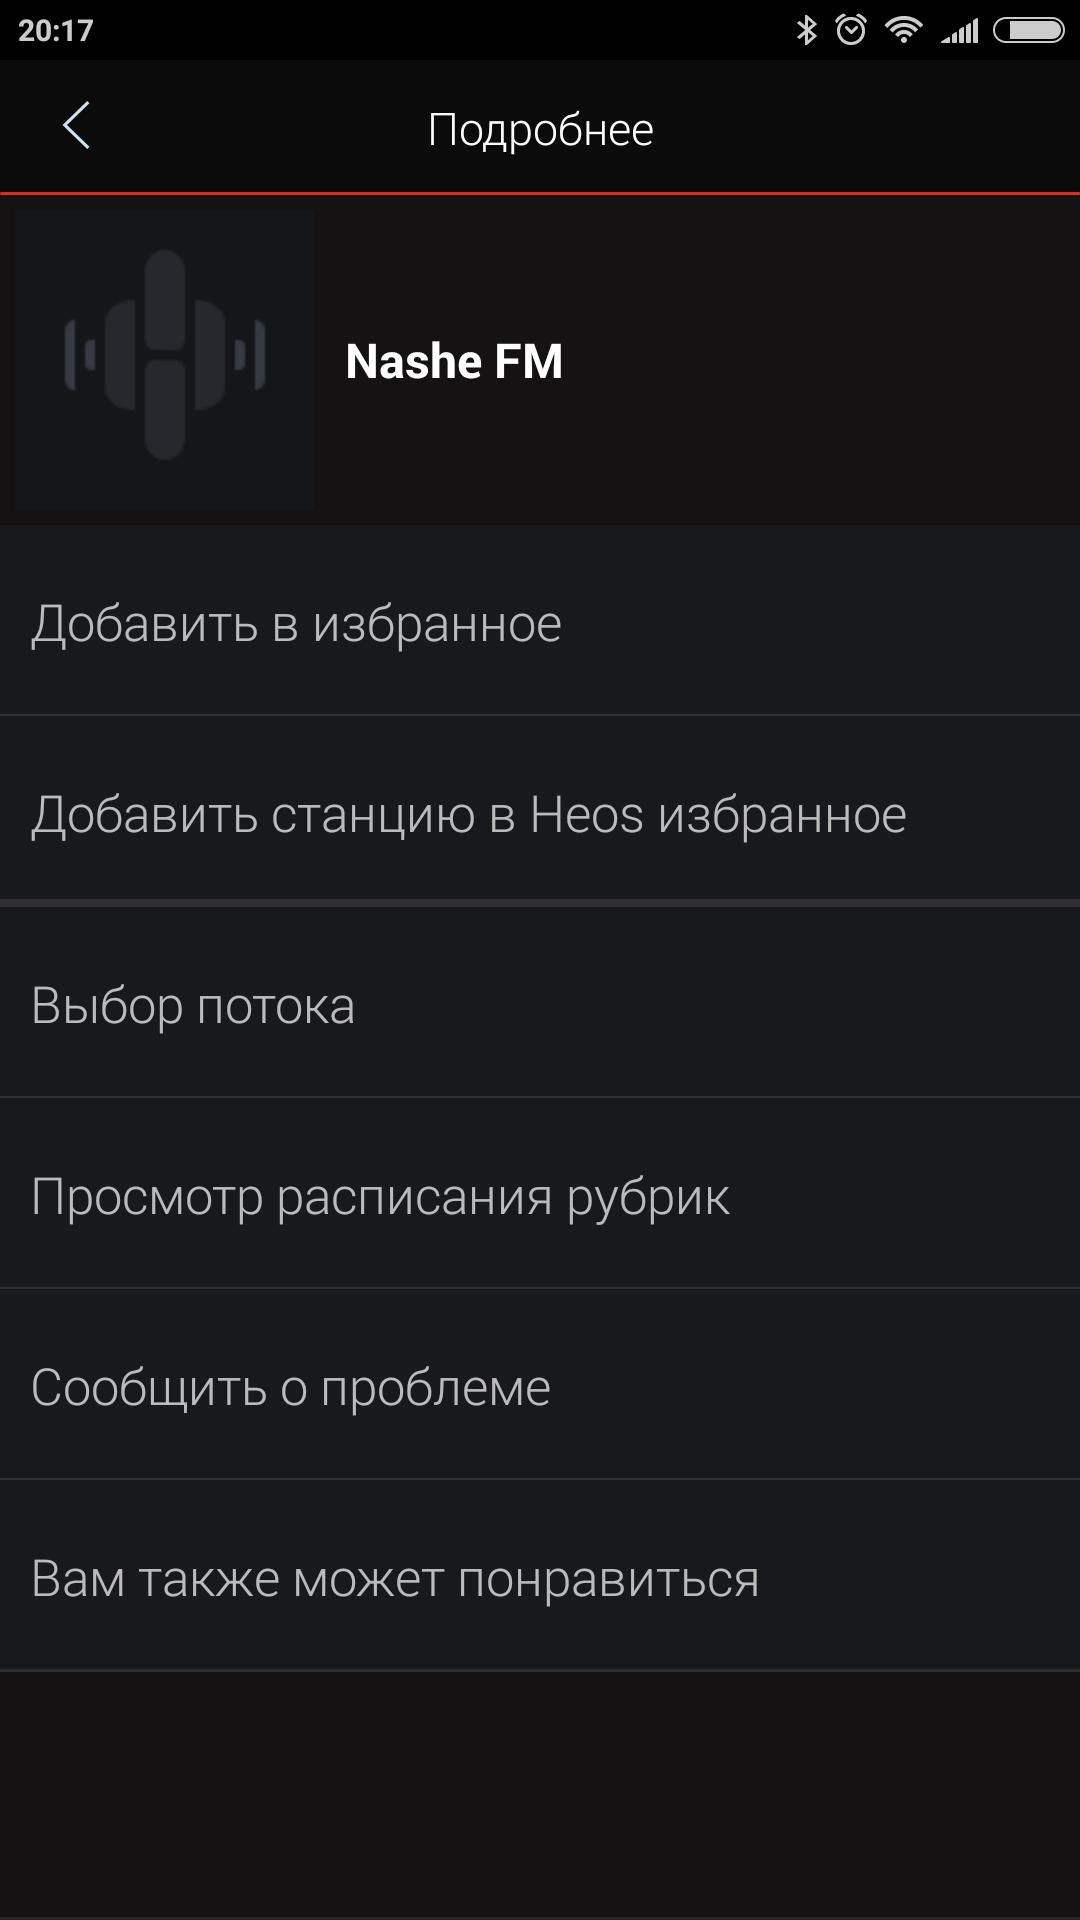 Татьяна Черниговская Аудиокнига Лекция Как научить мозг